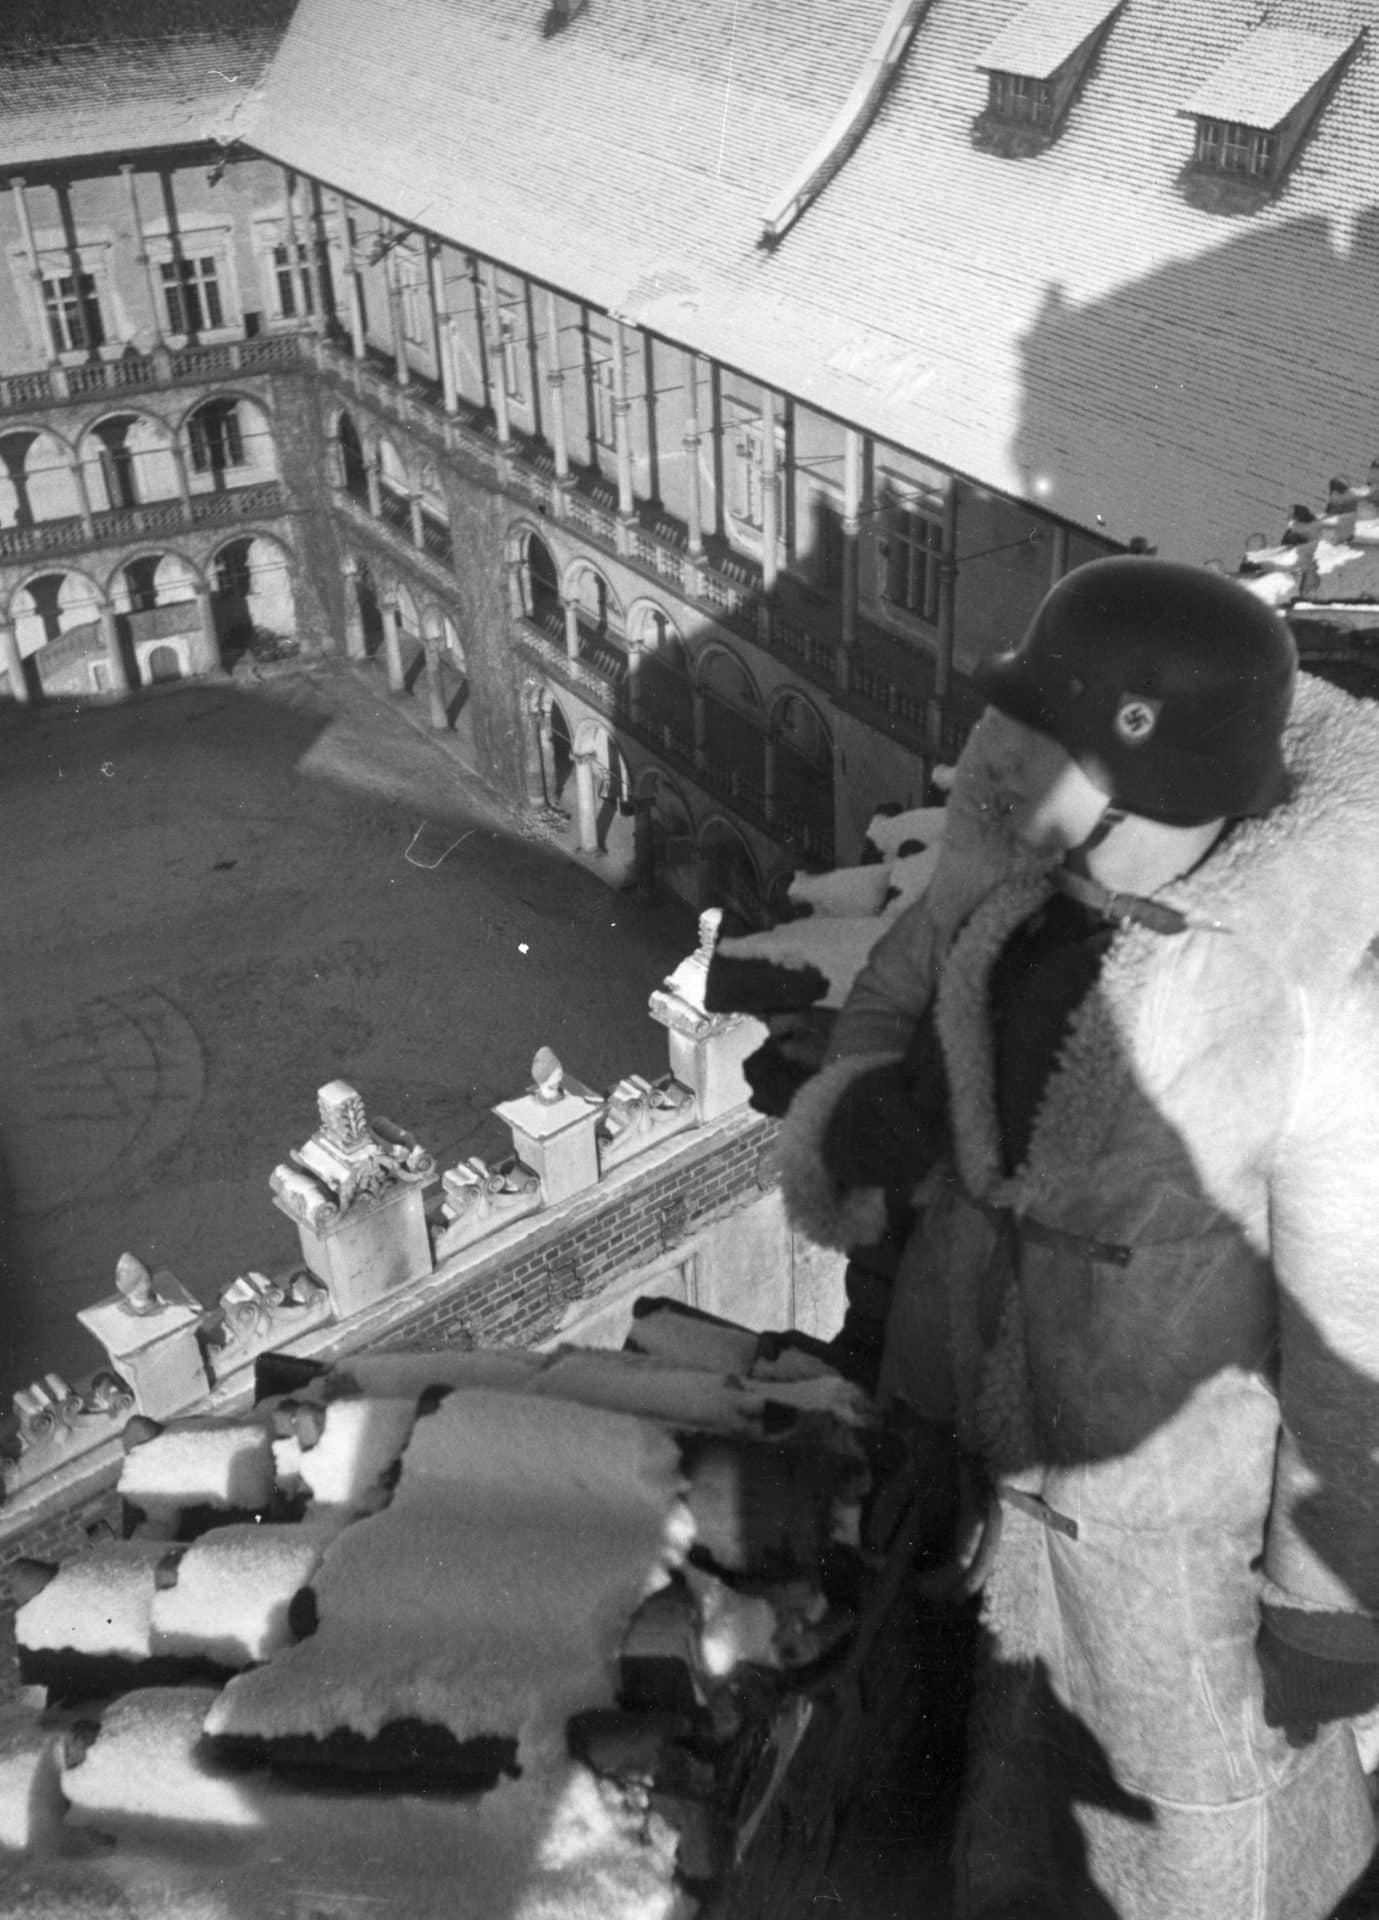 Wartownik z 10 pułku SS Totenkopf na Wawelu. Ok. 1941 roku. Źródło: Narodowe Archiwum Cyfrowe.